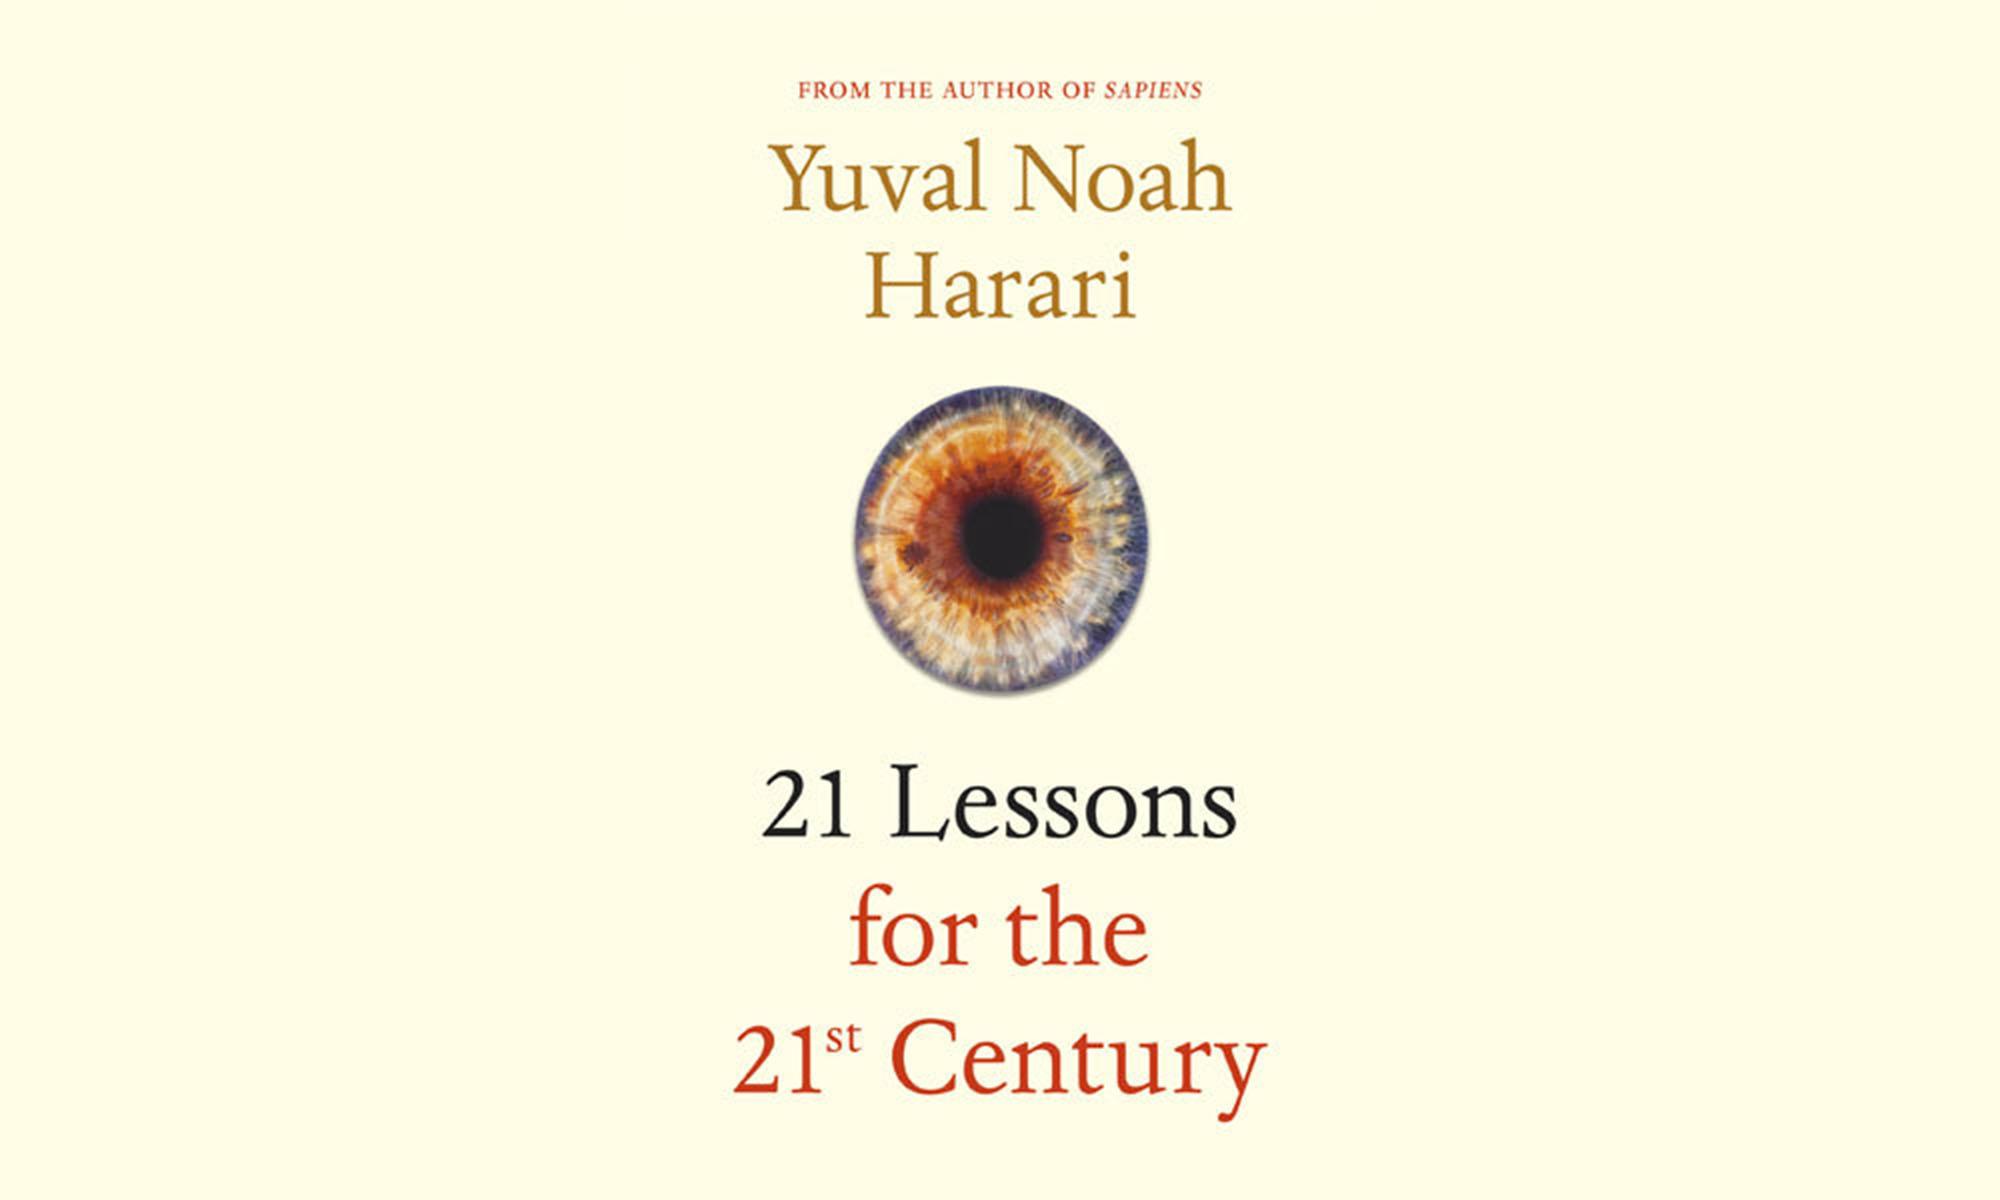 유발 하라리, 21세기를 위한 21가지 제언 책표지